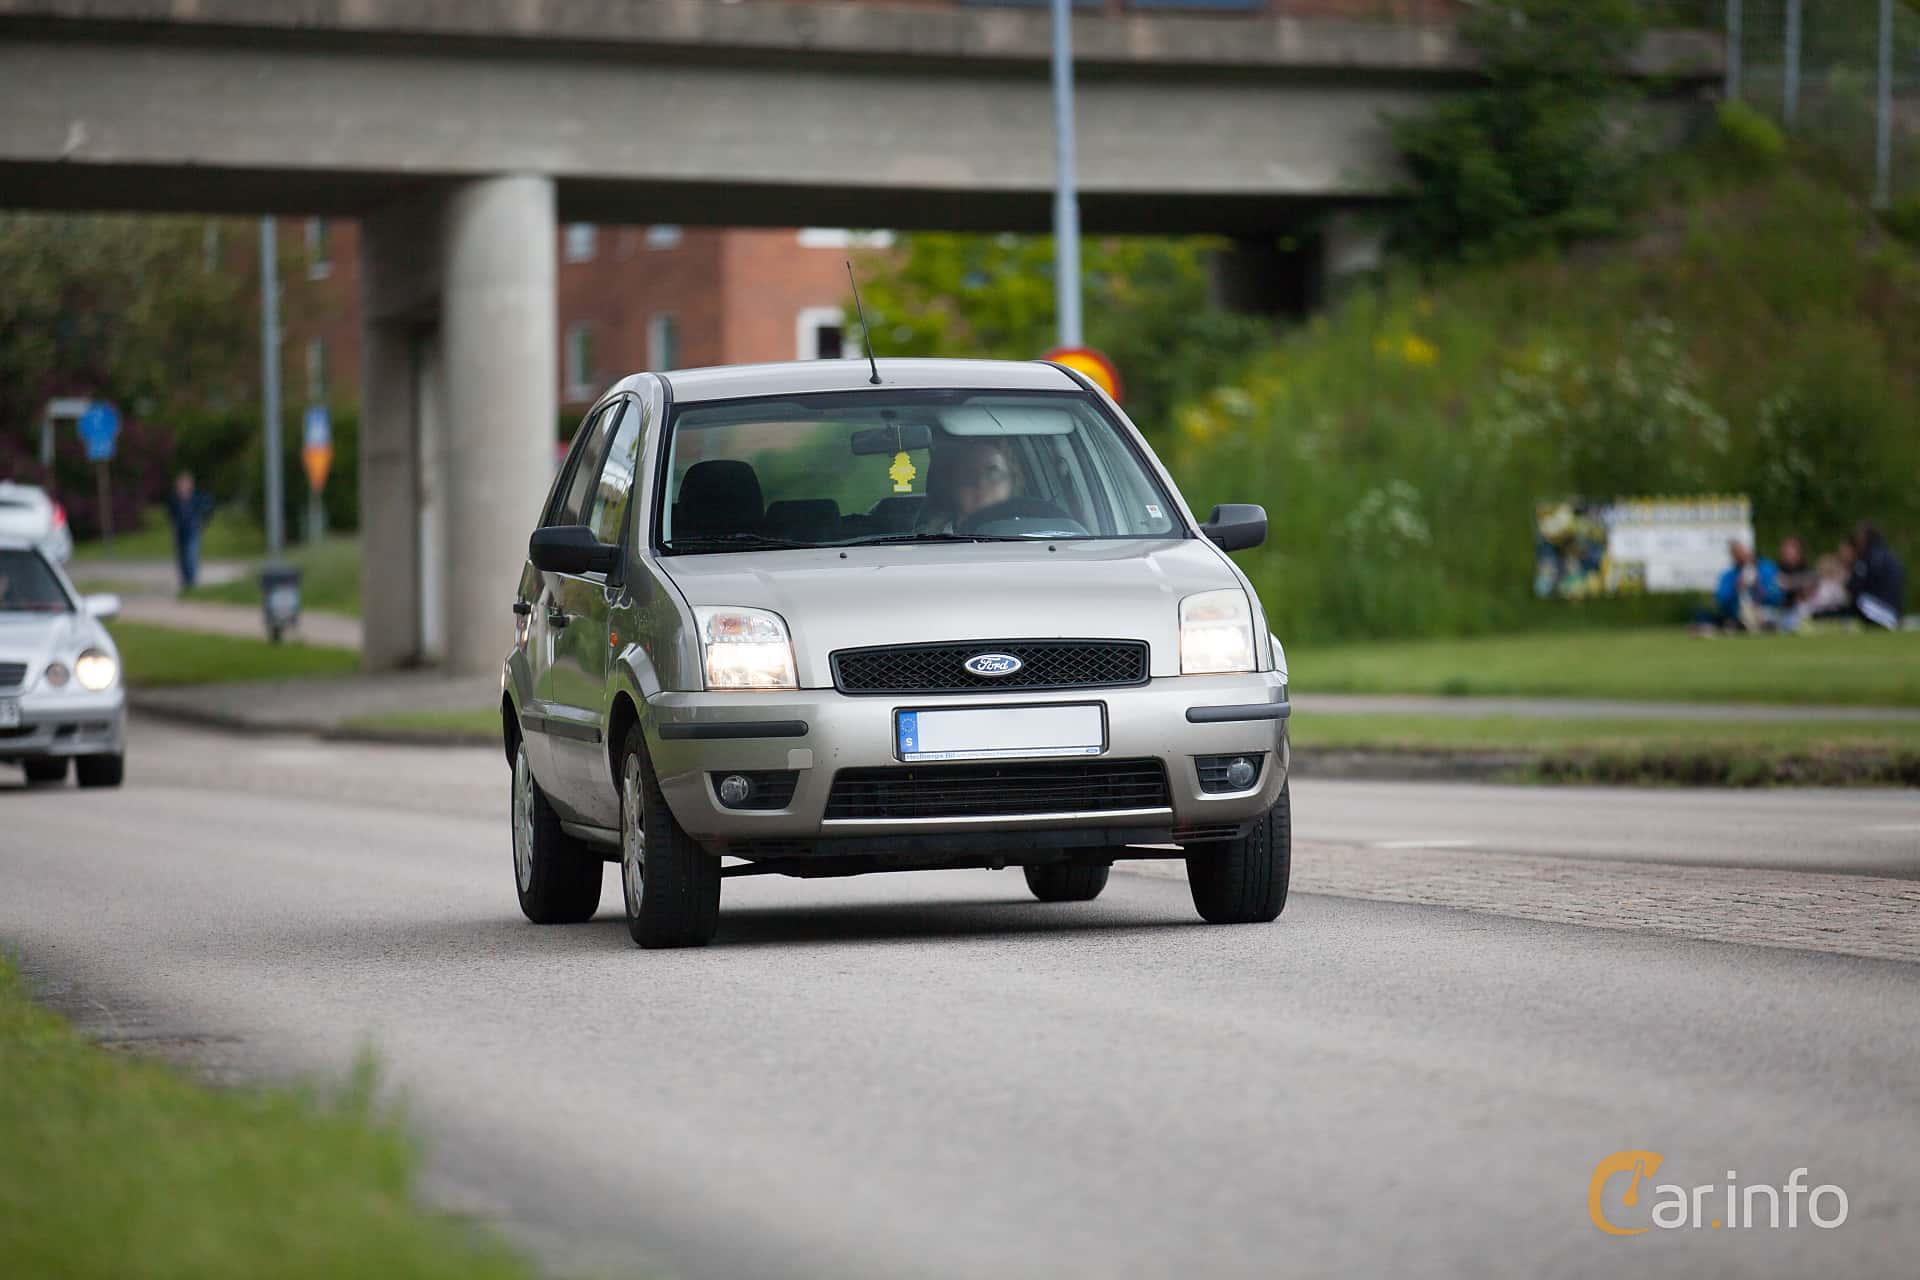 Ford Fusion 1.4 Manual, 80hp, 2005